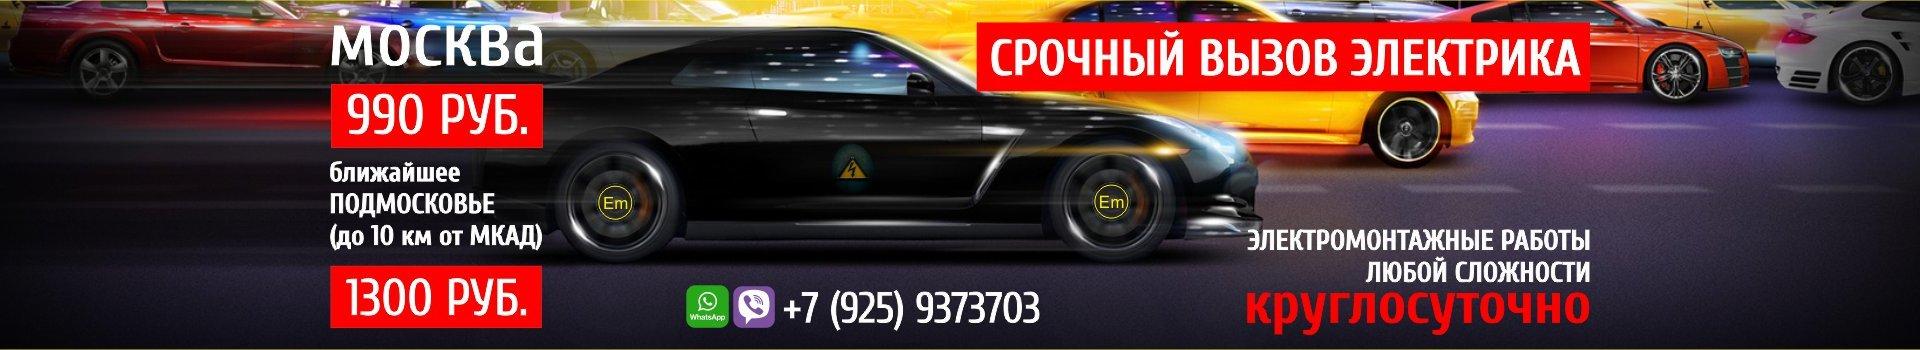 Монтаж электрики в компании electromontag-rf.ru в Москве